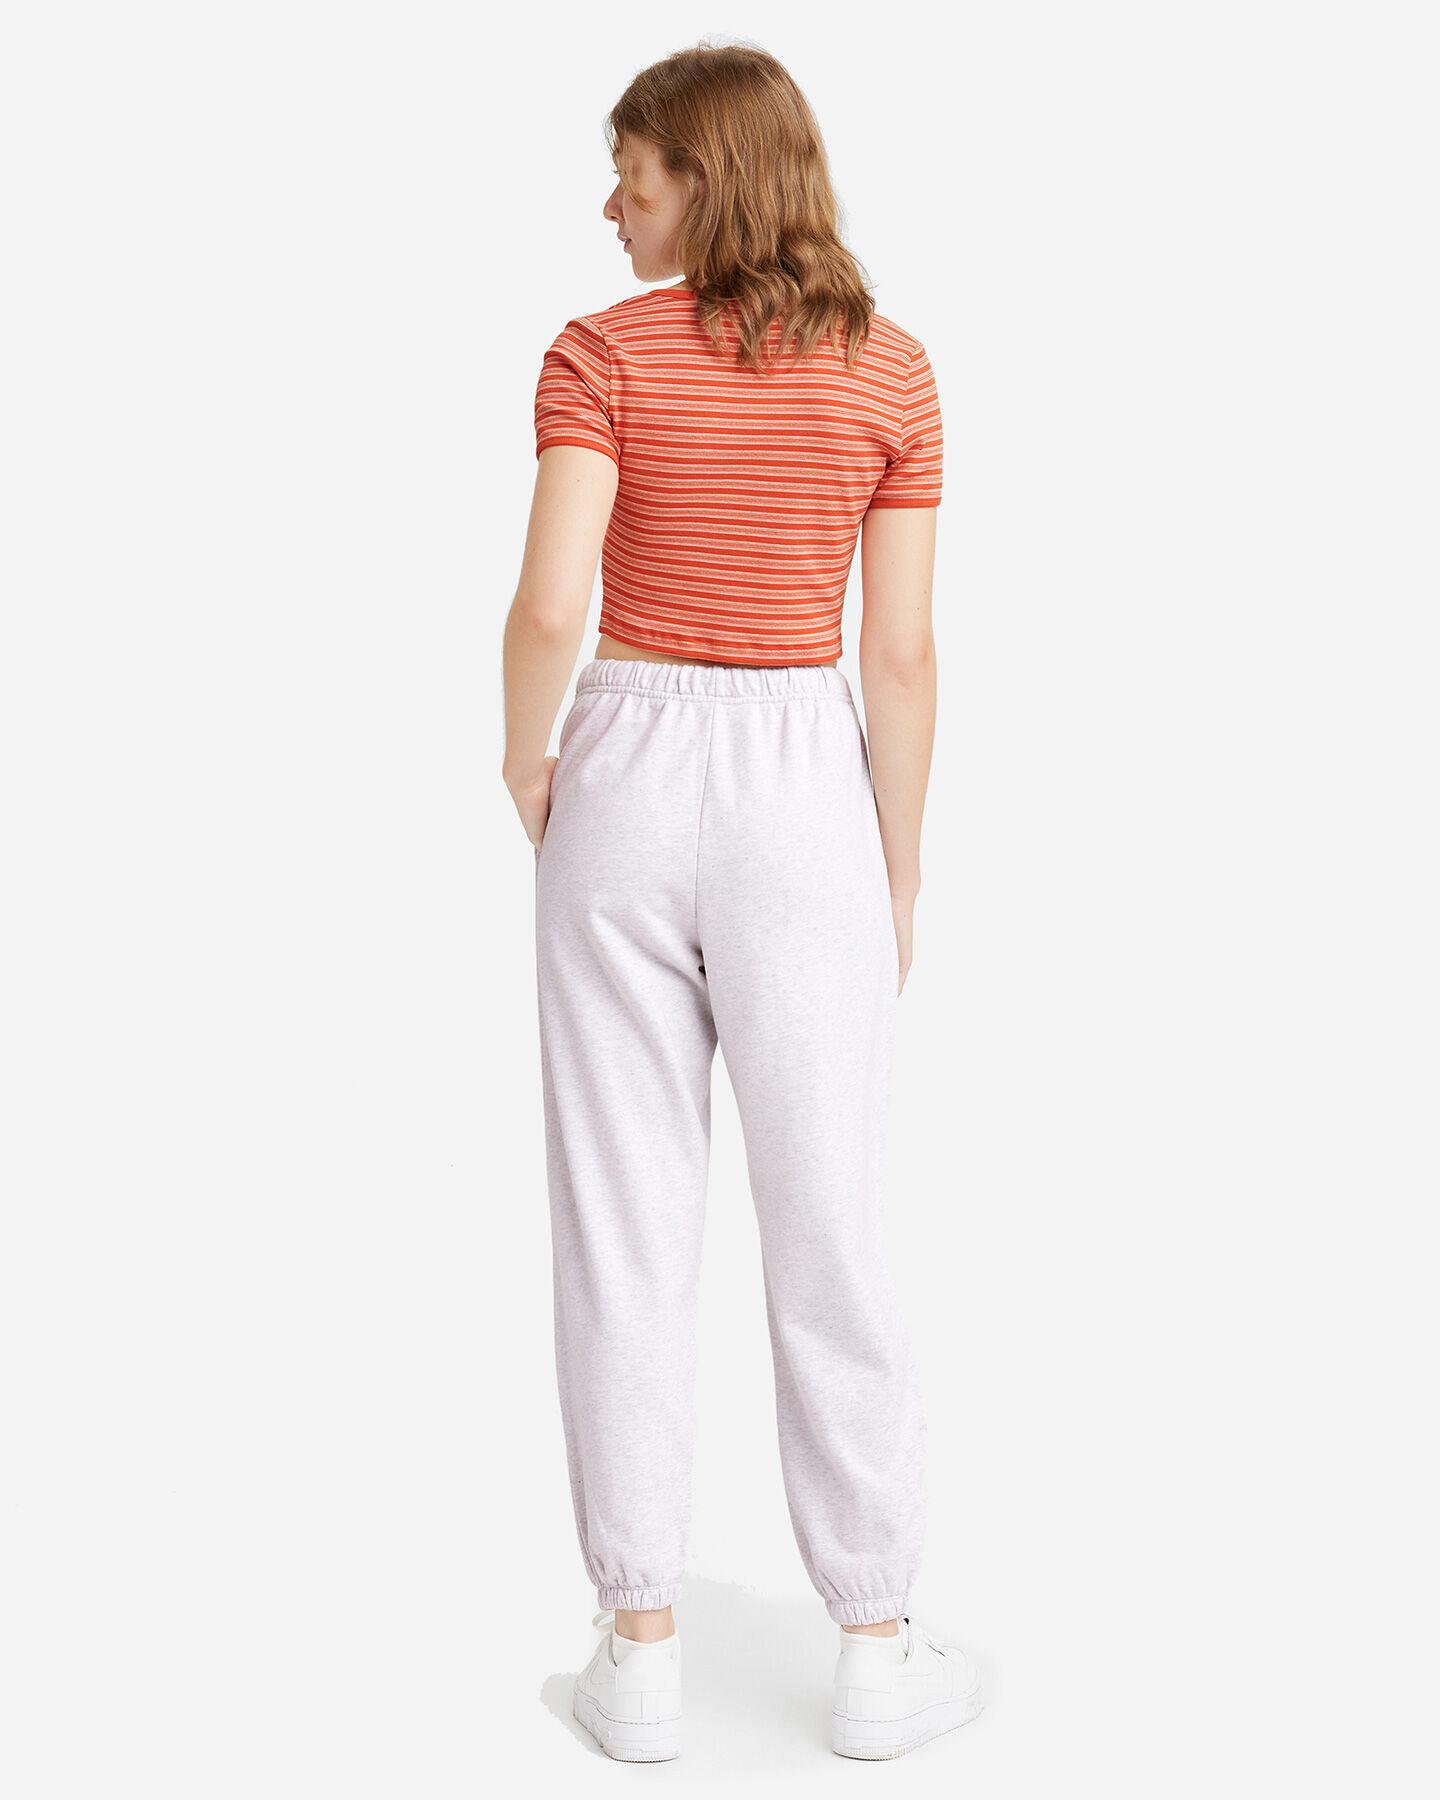 Pantalone LEVI'S CAPSULE TAB TECH W S4097256 scatto 2